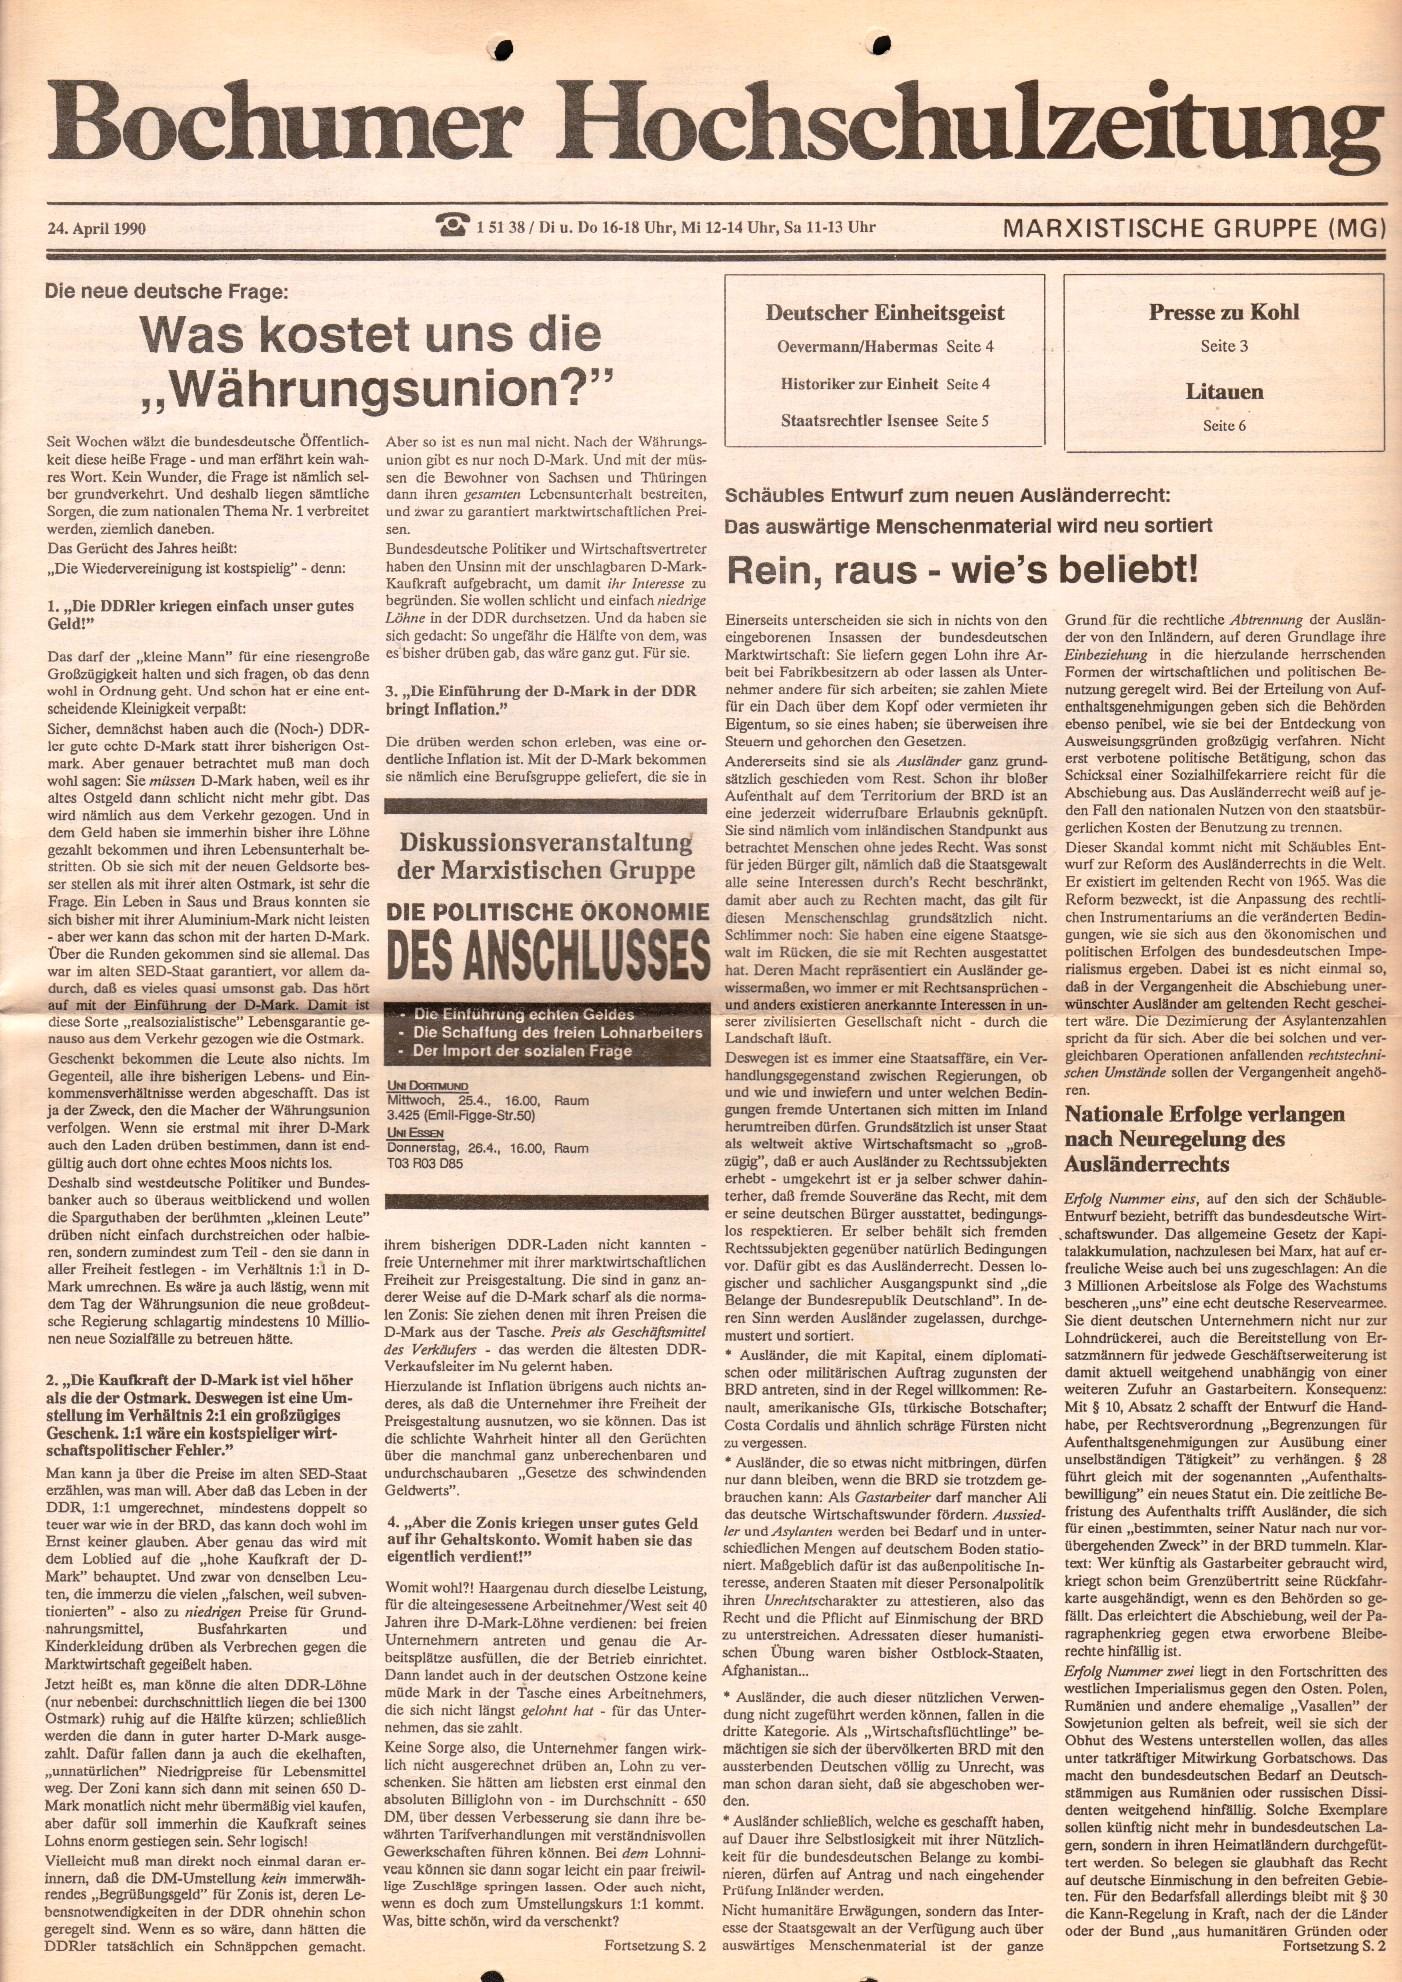 MG_Bochumer_Hochschulzeitung_19900424_01